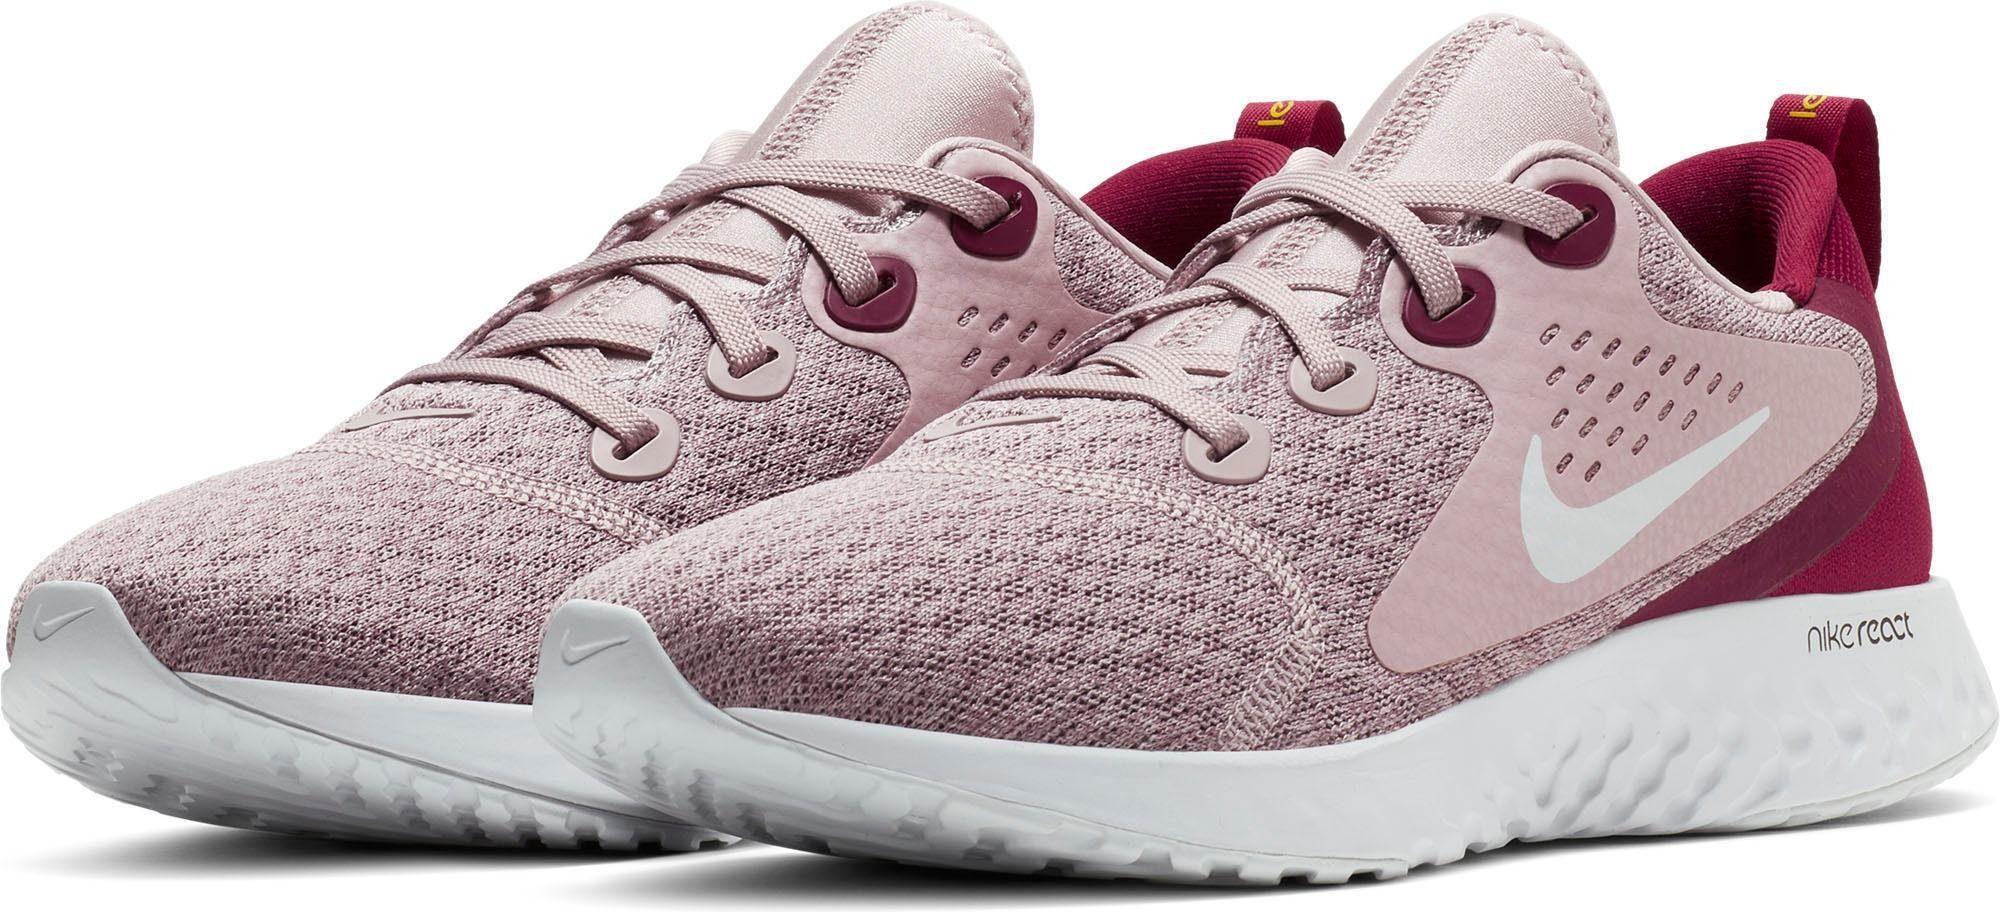 Nike »Wmns Legend React« Laufschuh, Das speziell entwickelte Mesh bietet Belüftung und Halt an den entscheidenden Stellen online kaufen | OTTO